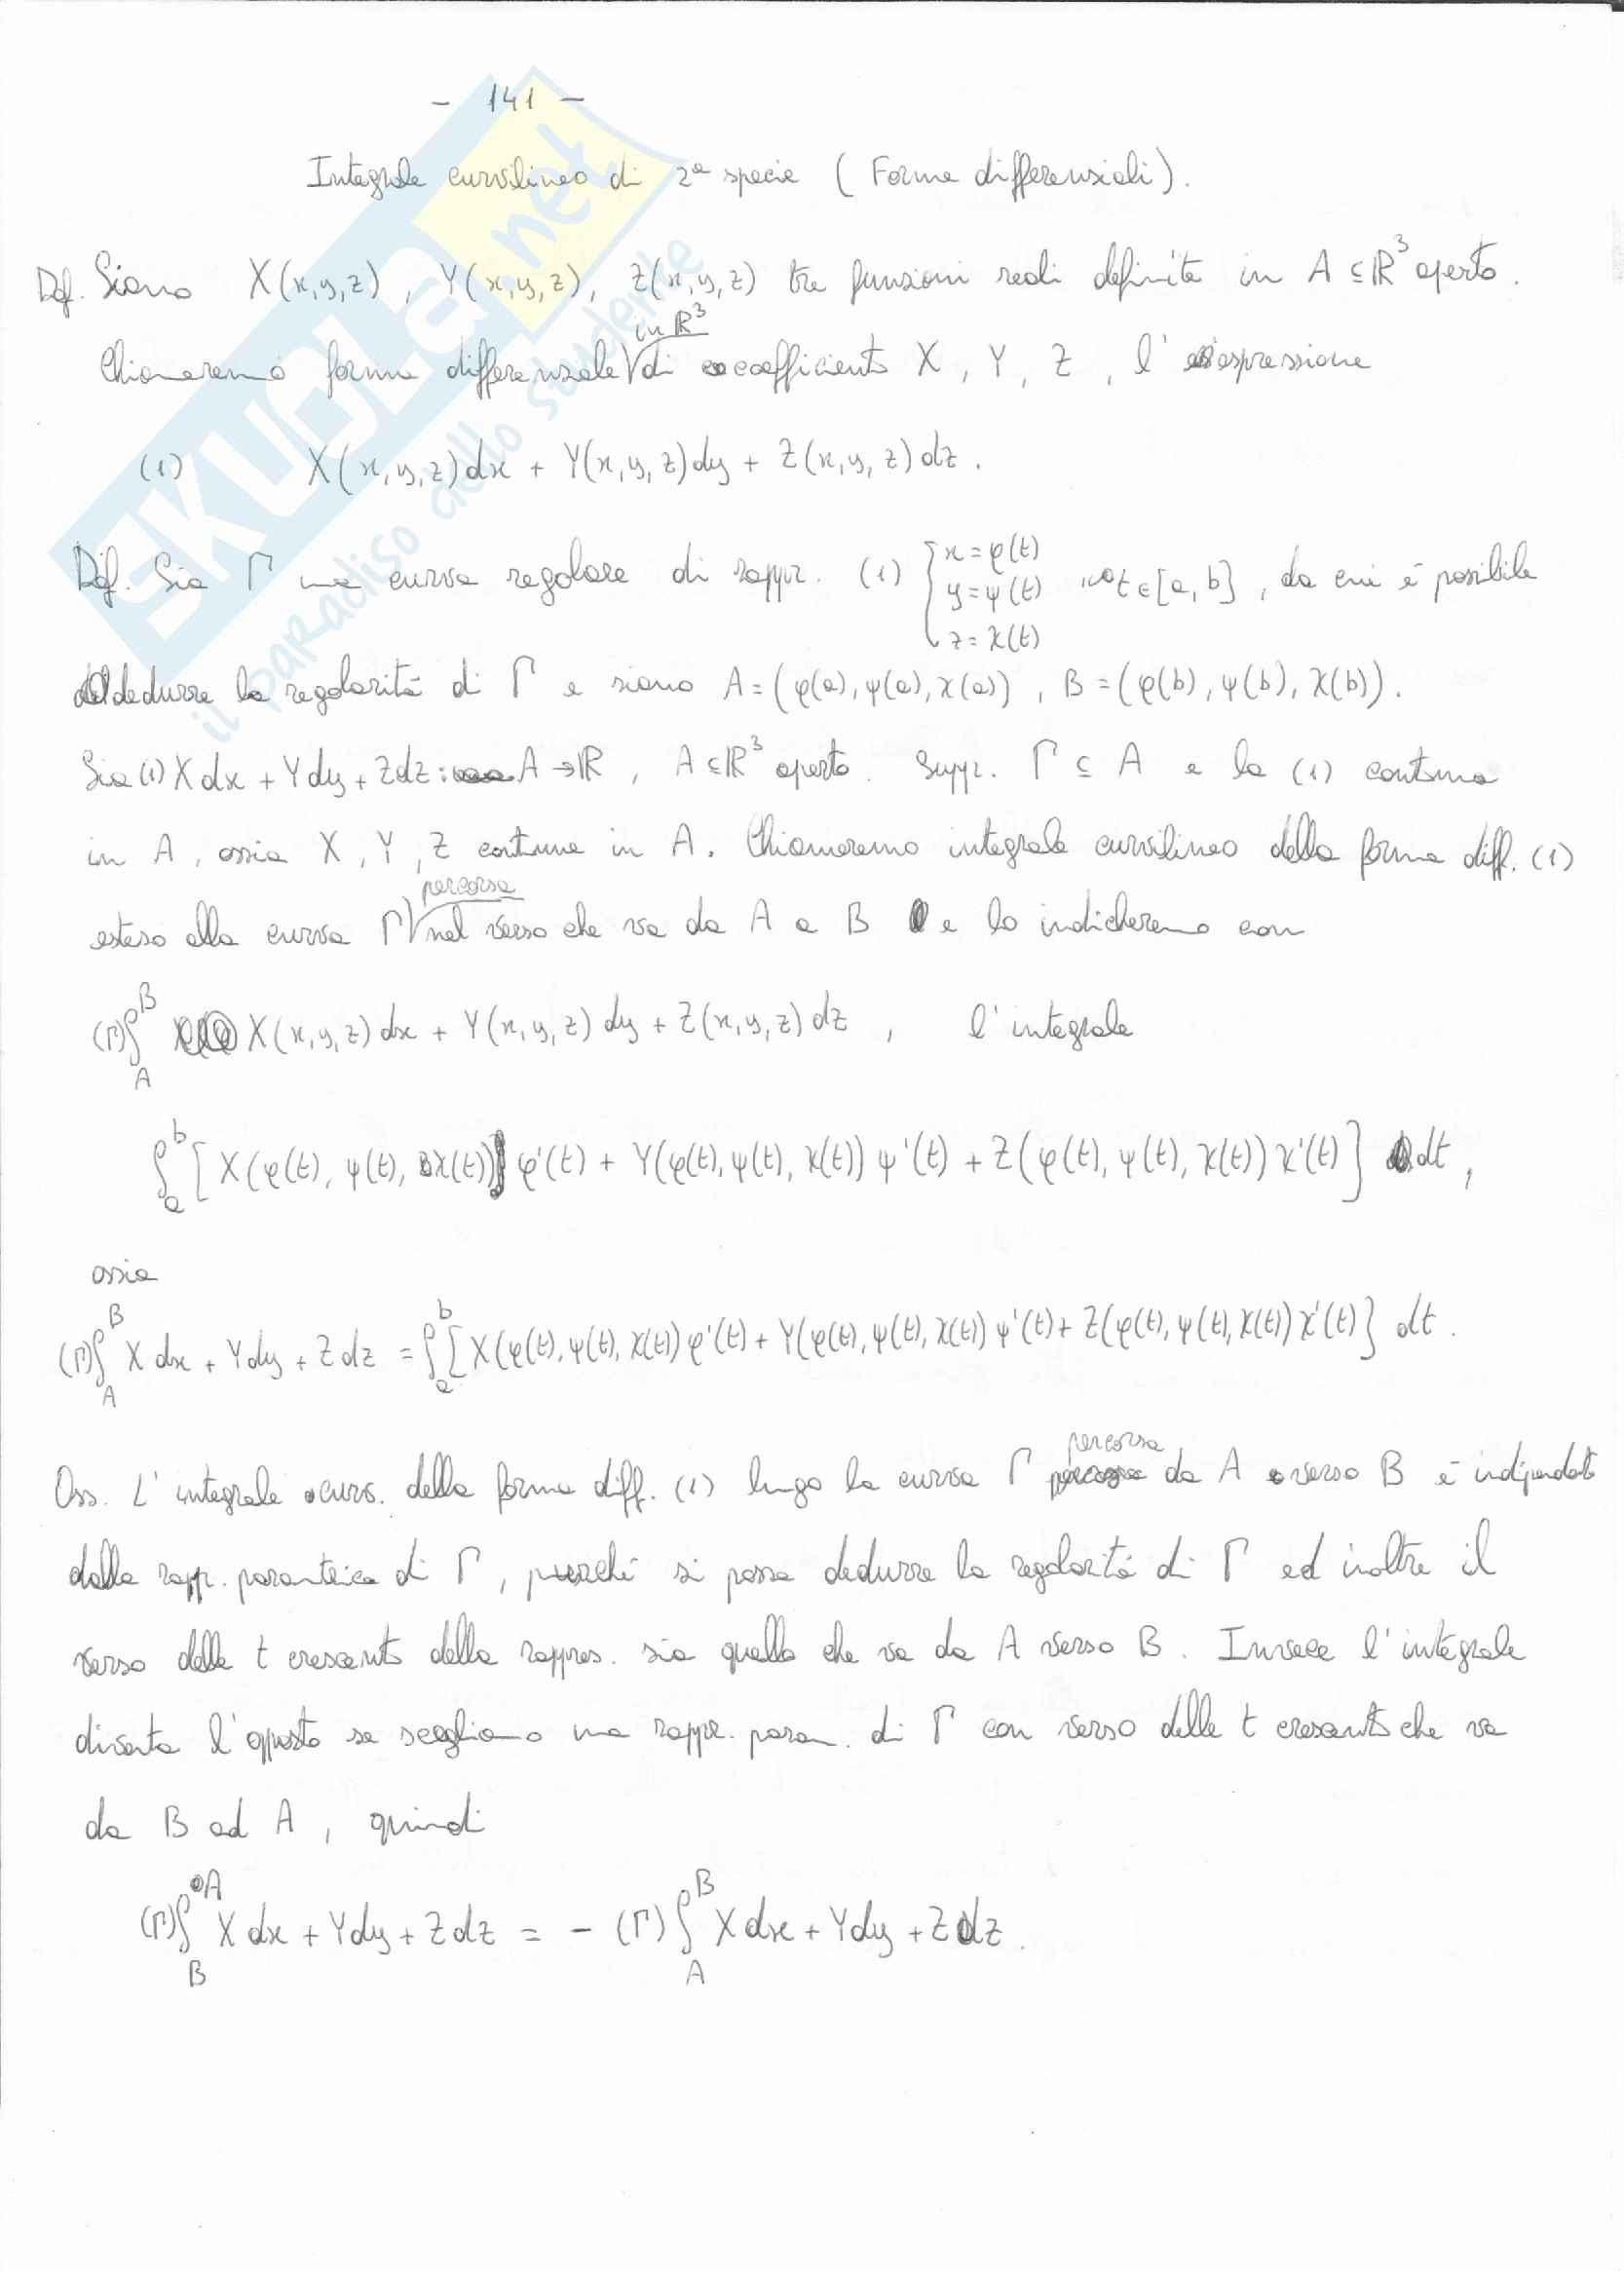 Analisi matematica 2 -l'integrale curvilinio di seconda specie